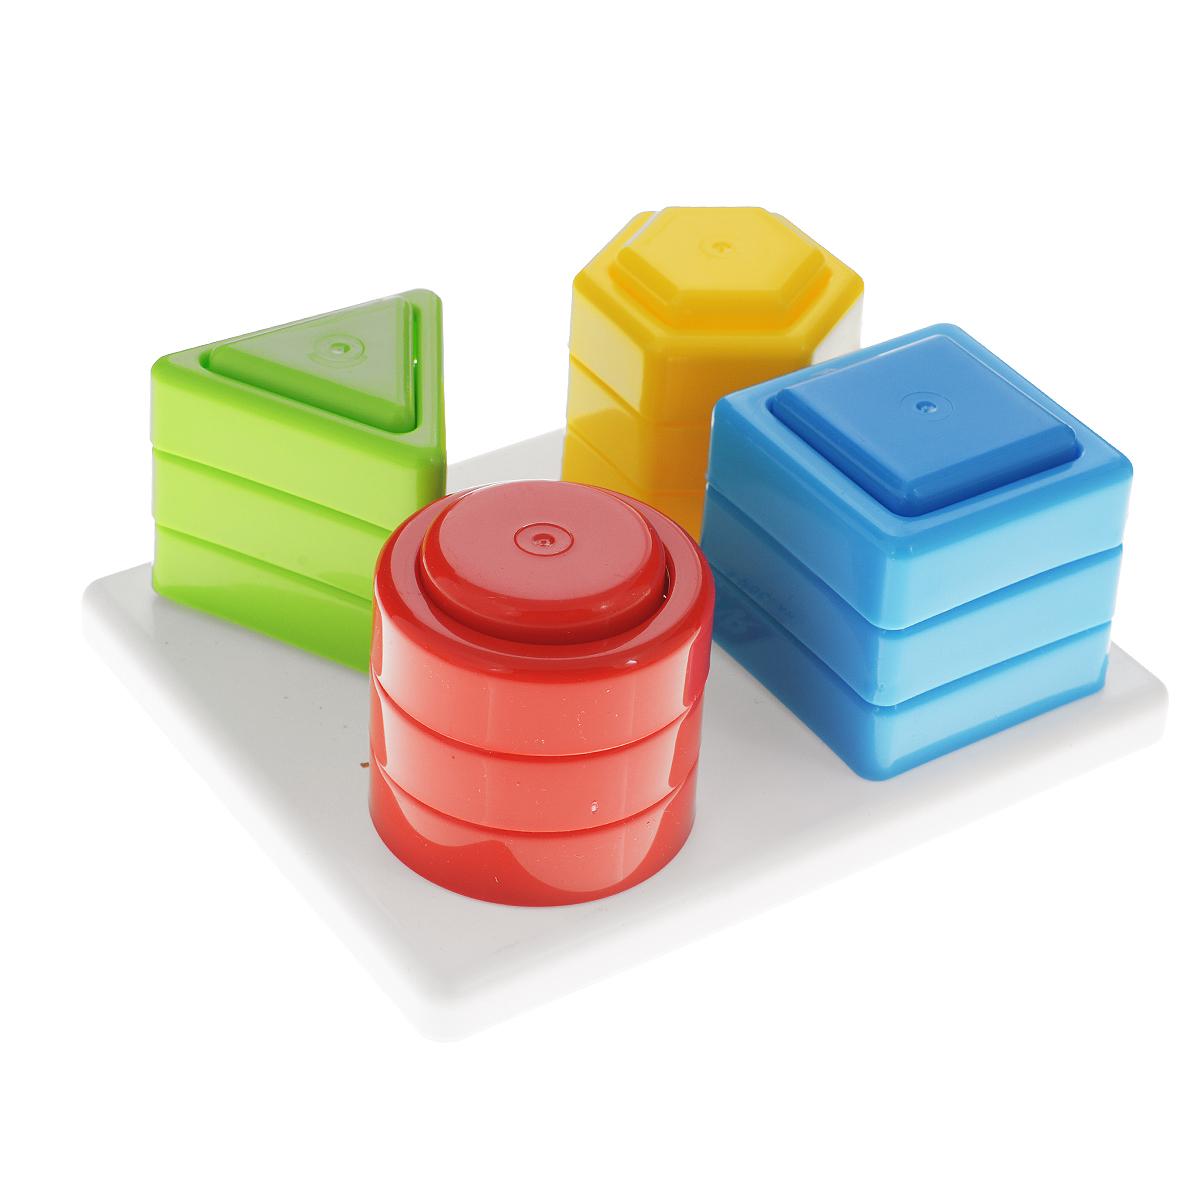 Развивающая игрушка Stellar Чудо-пирамидка01327Развивающая игрушка Stellar Чудо-пирамидка выполнена из полипропилена в виде прямоугольного основания с расположенными на нем четырьмя колышками, на которые по принципу пирамидки нанизываются разноцветные элементы. Собирается по принципу сортера. Каждый колышек имеет форму геометрической фигуры: шестиугольника, треугольника, круга, квадрата. Каждому из кольев соответствуют три элемента одного цвета. Задача малыша состоит в том, чтобы правильно подобрать подходящую фигуру, отверстие в которой совпадет с формой штырька. Комплект включает основание и 12 элементов в виде геометрических фигур. Развивающая игрушка Stellar Чудо-пирамидка поможет малышу в развитии цветового восприятия, мелкой моторики рук, координации движений, логического и пространственного мышления. Уважаемые клиенты! Обращаем ваше внимание на ассортимент в цвете товара. Основные цвета: зеленый, красный, синий, желтый. Детали могут приходить в разных вариациях. Поставка возможна в...